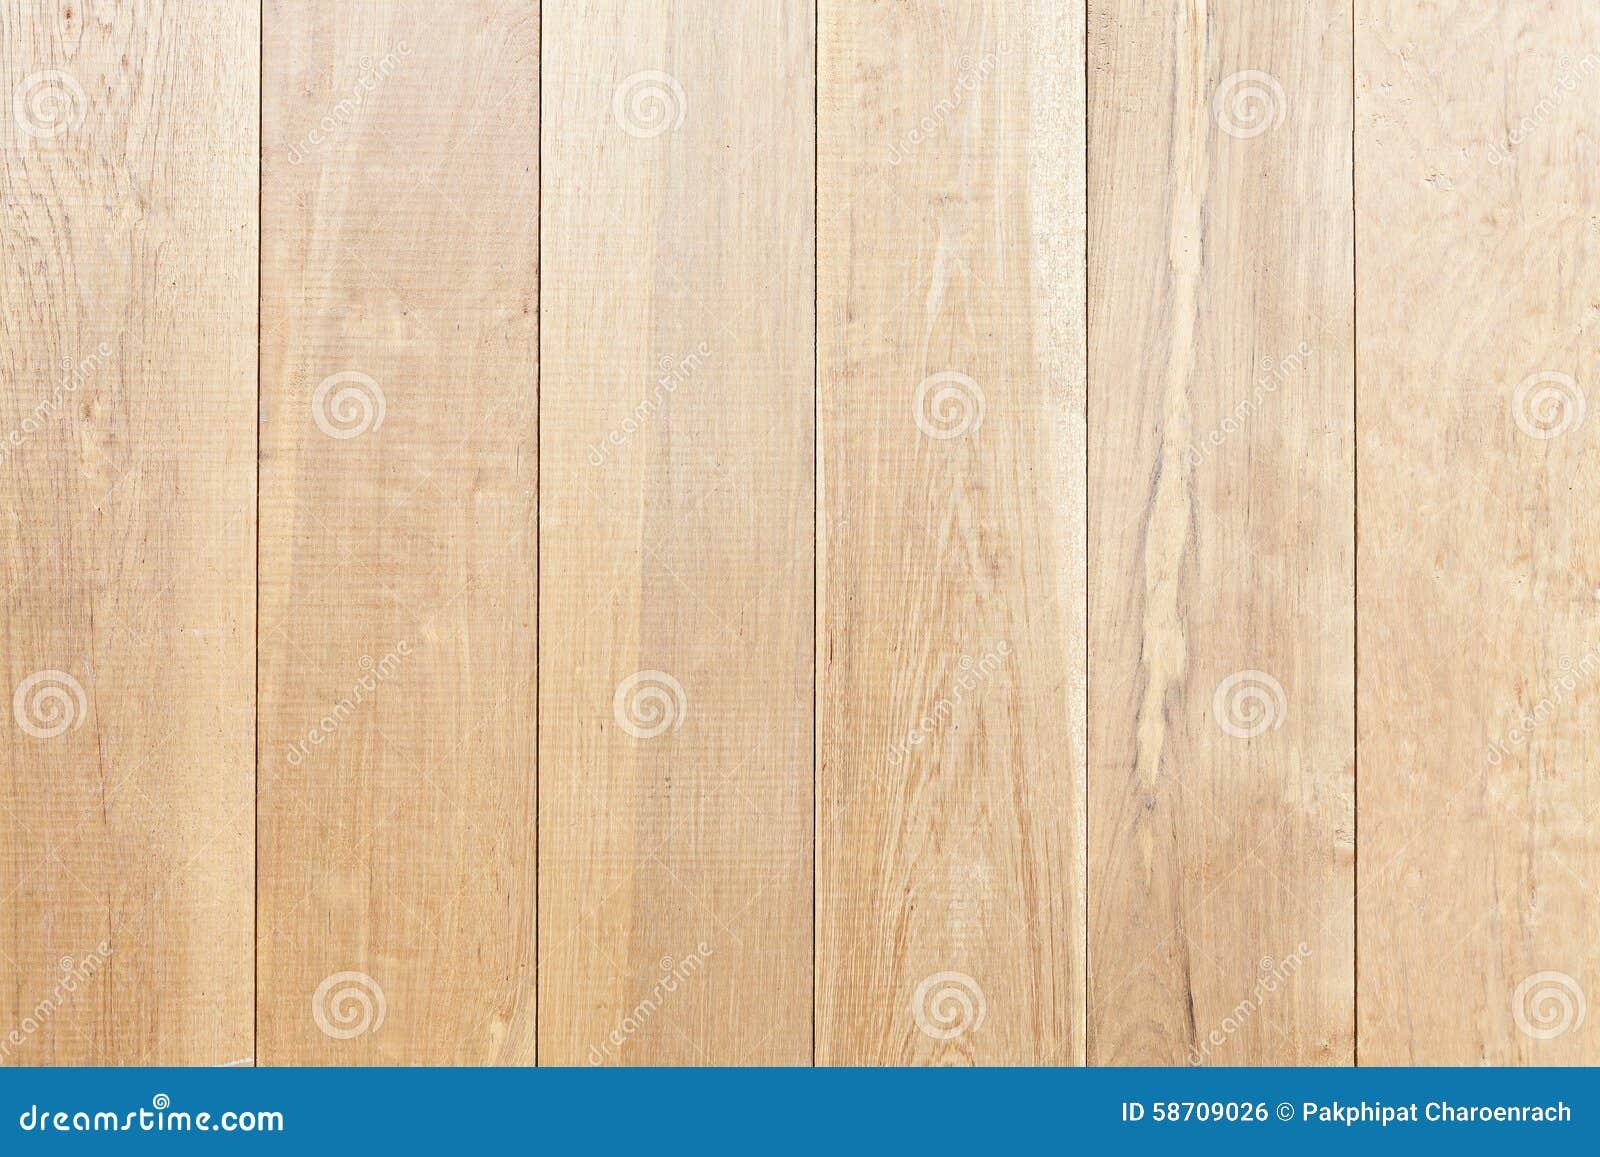 Μεγάλο καφετί ξύλινο υπόβαθρο σύστασης τοίχων σανίδων